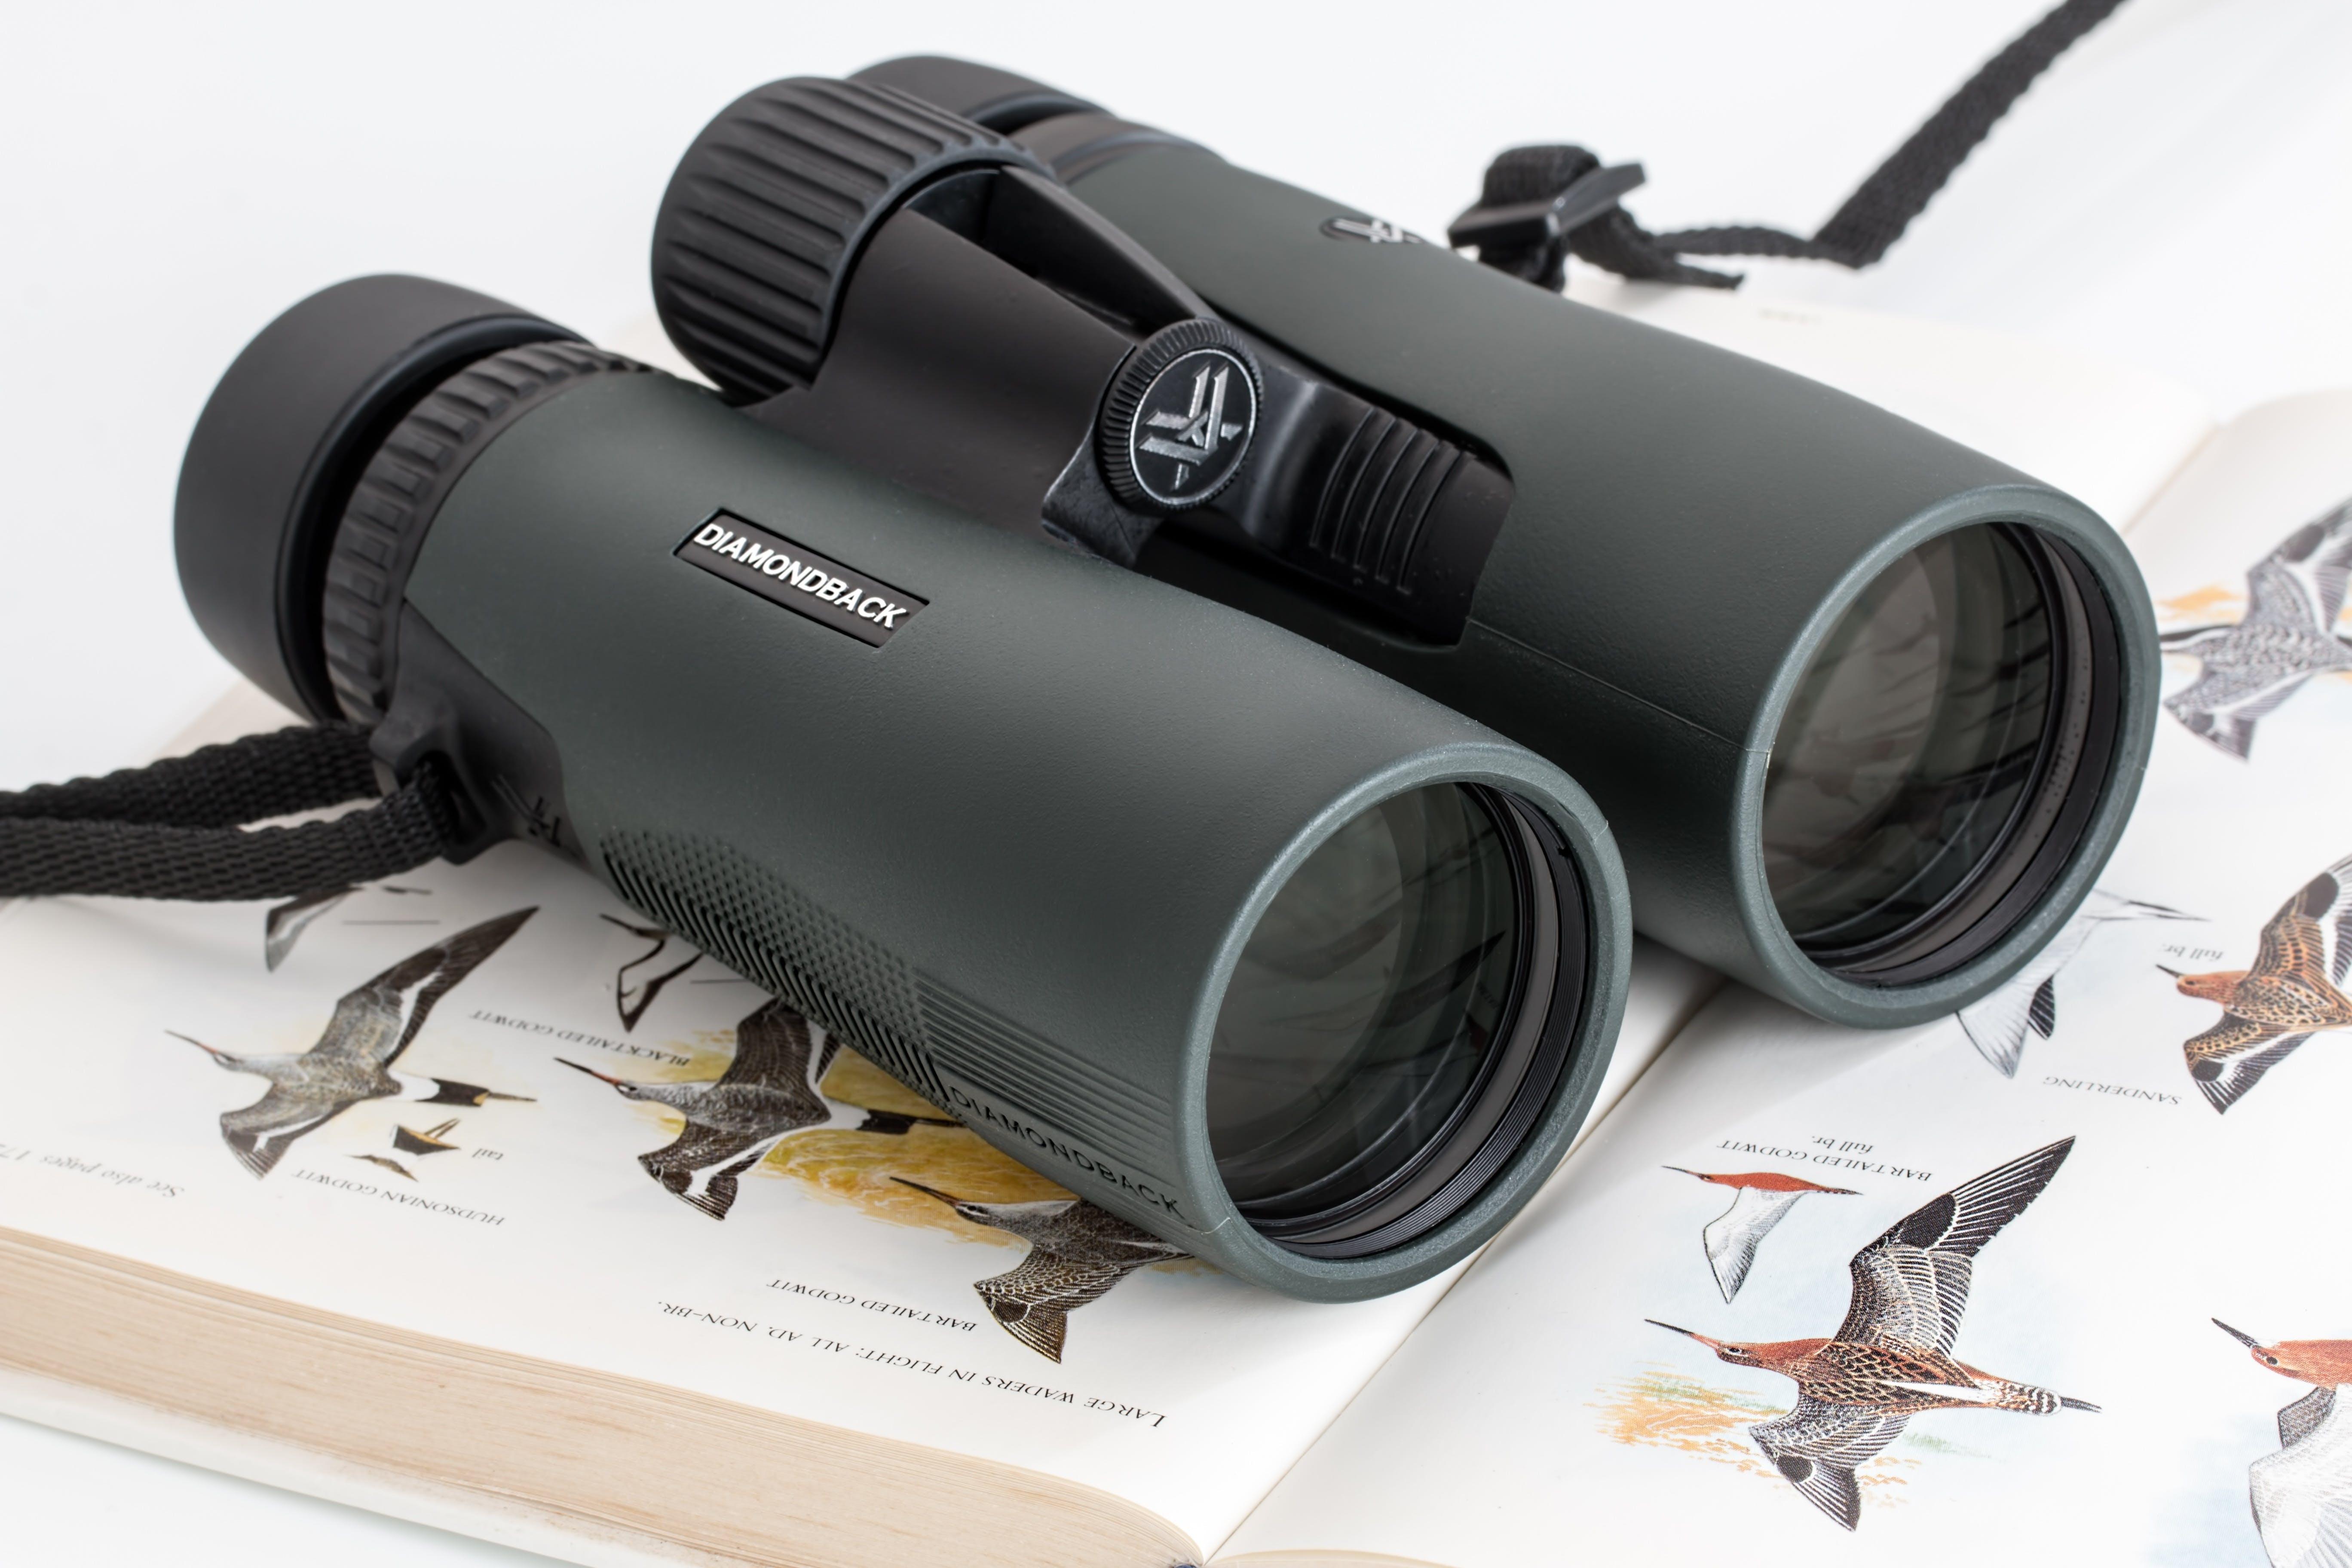 Free stock photo of telescope, blur, binoculars, equipment